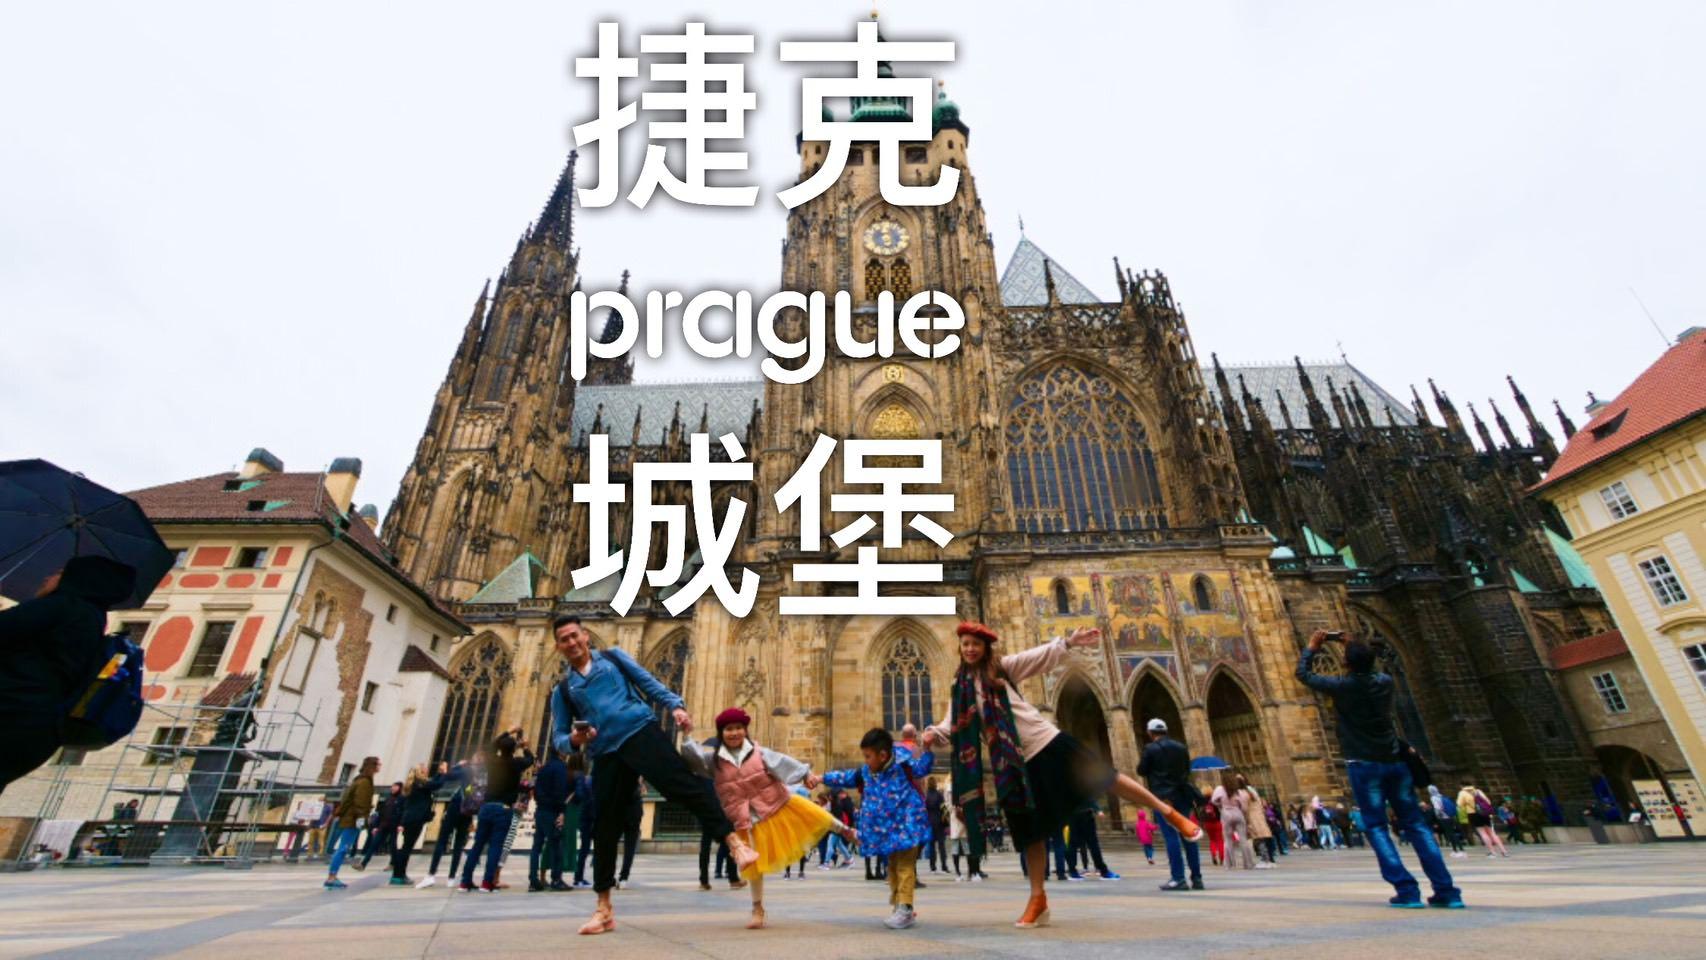 捷克 🔸Prague|| 布拉格城堡  聖維特大教堂 舊皇宮 聖喬治教堂 黃金巷